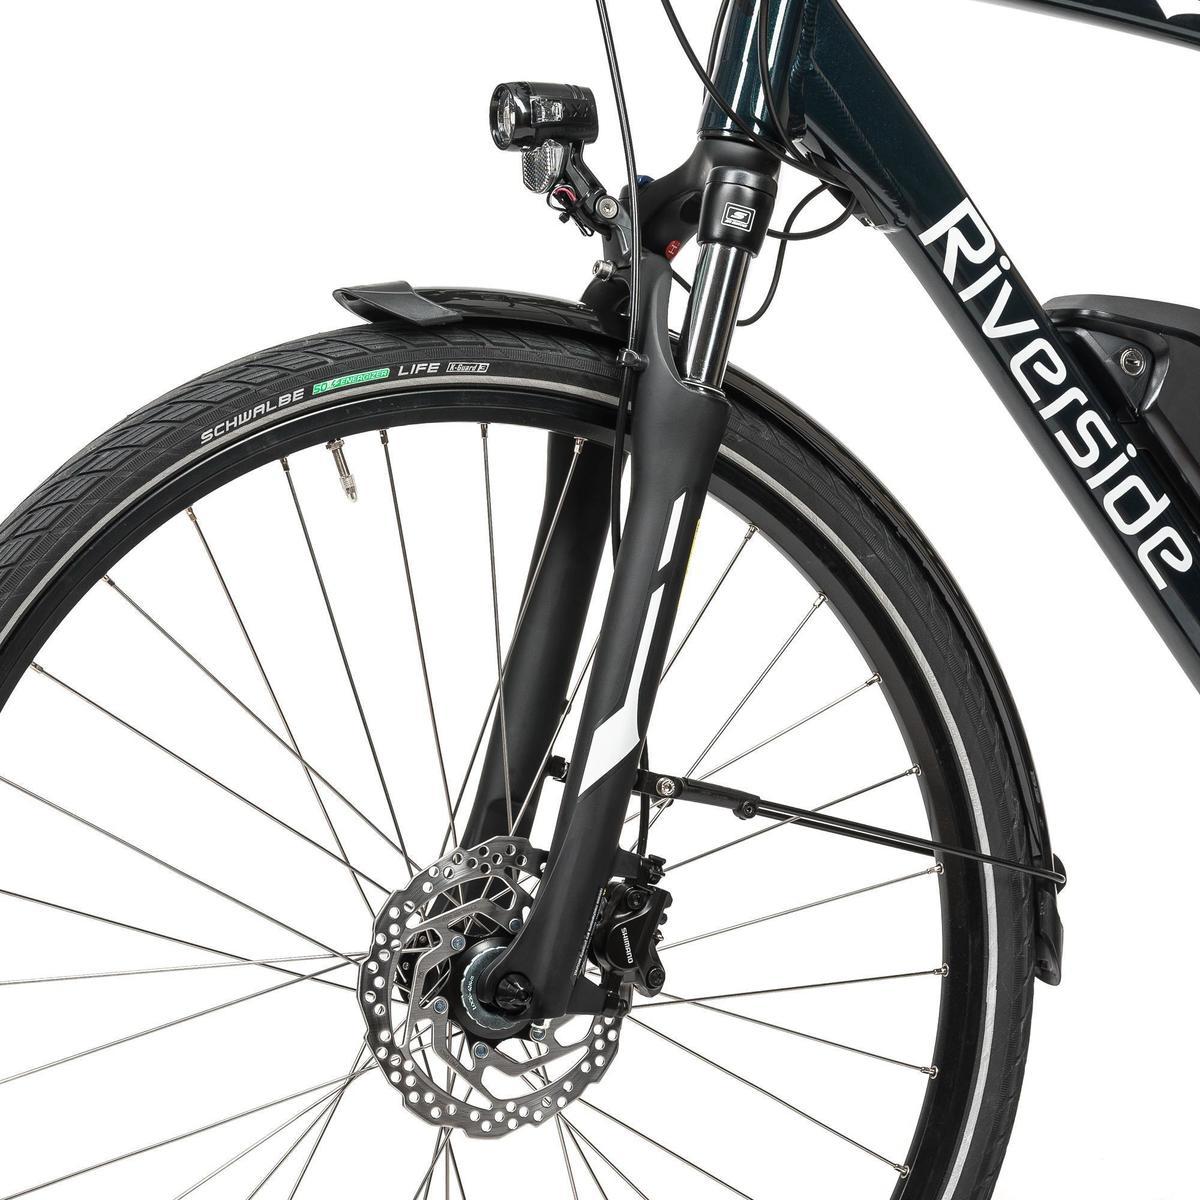 Bild 5 von E-Bike 28 Trekkingrad Riverside 500 Herren Performance Line 400Wh grün